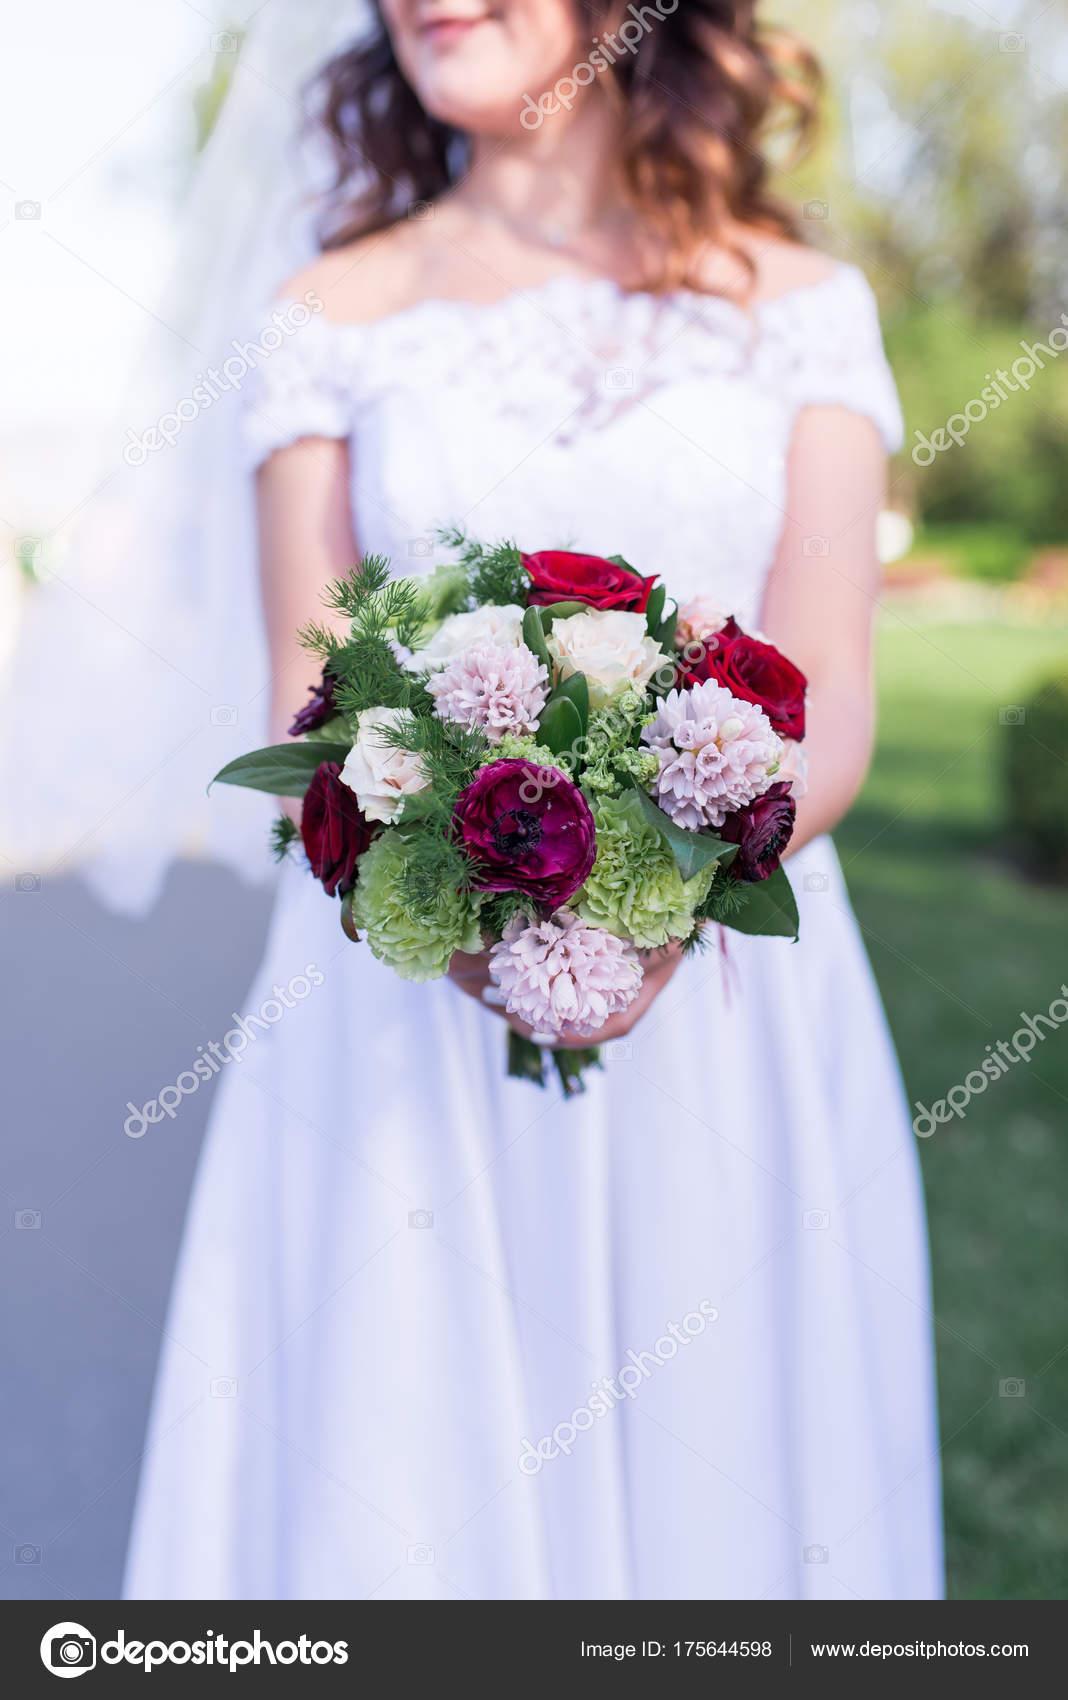 Mariee Tient Bouquet Mariage Blanc Rose Rouge Fleurs Verdure